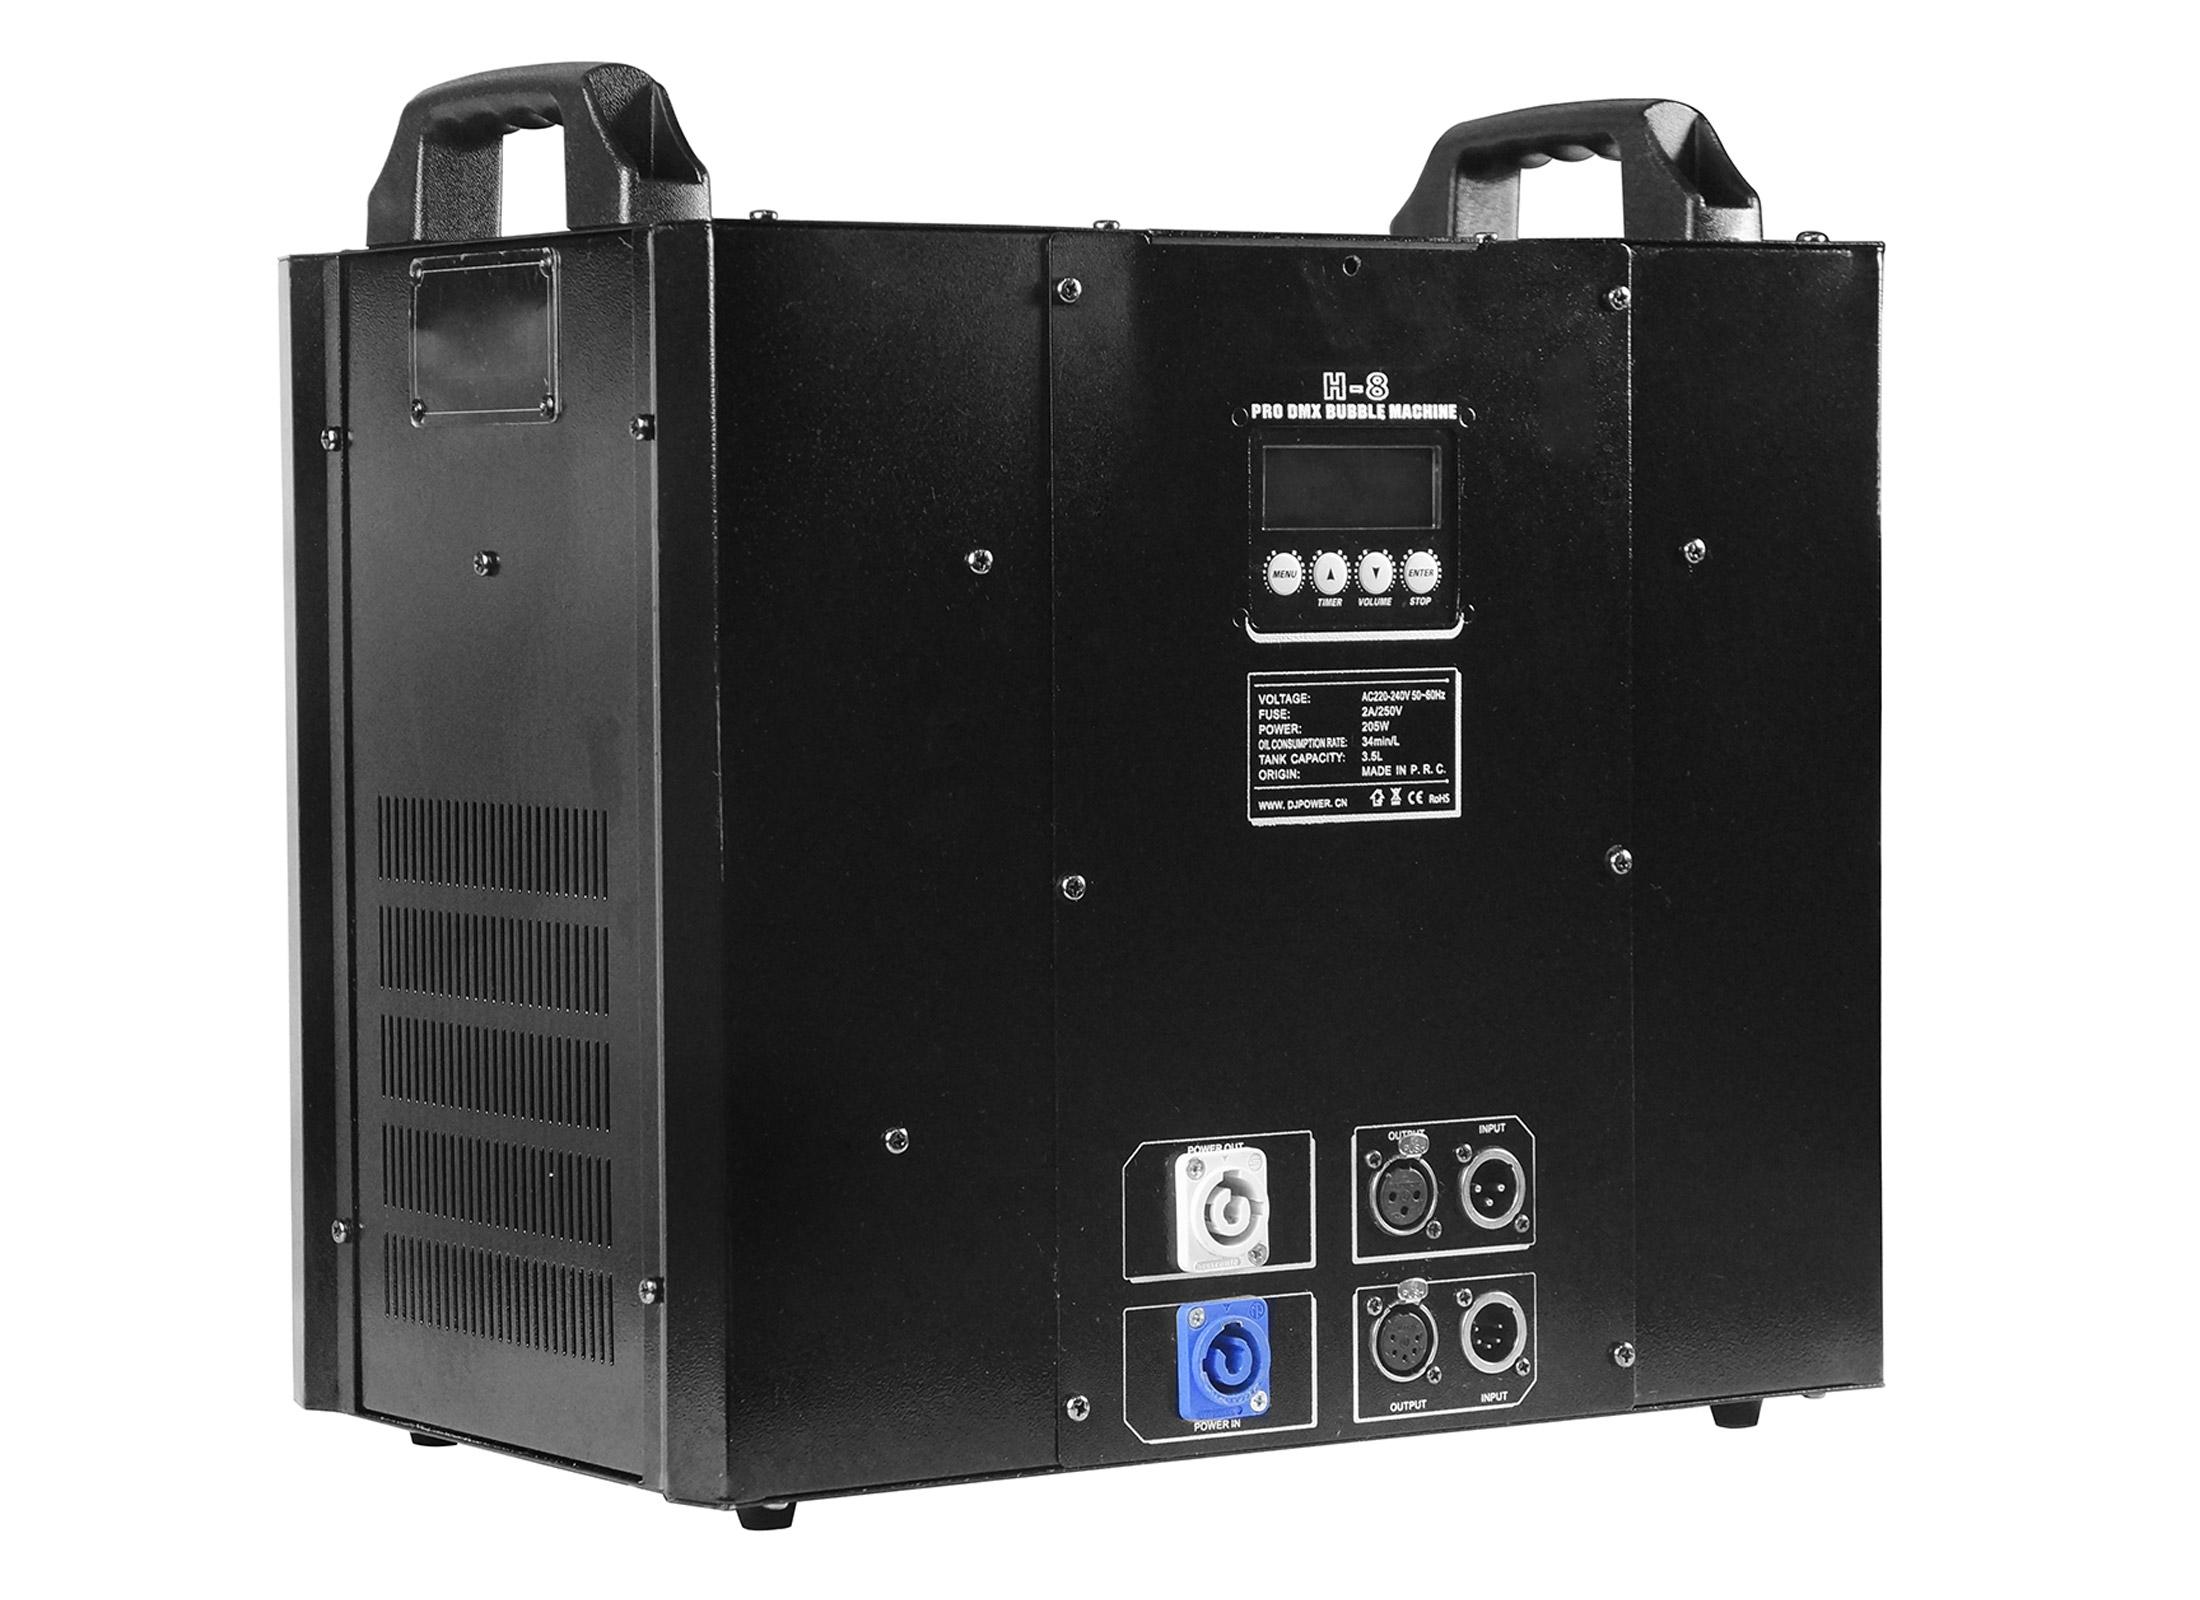 Bühnenbeleuchtung & -effekte Tv, Video & Audio Nett Eurolite Seifenblasenmaschine Schwarz